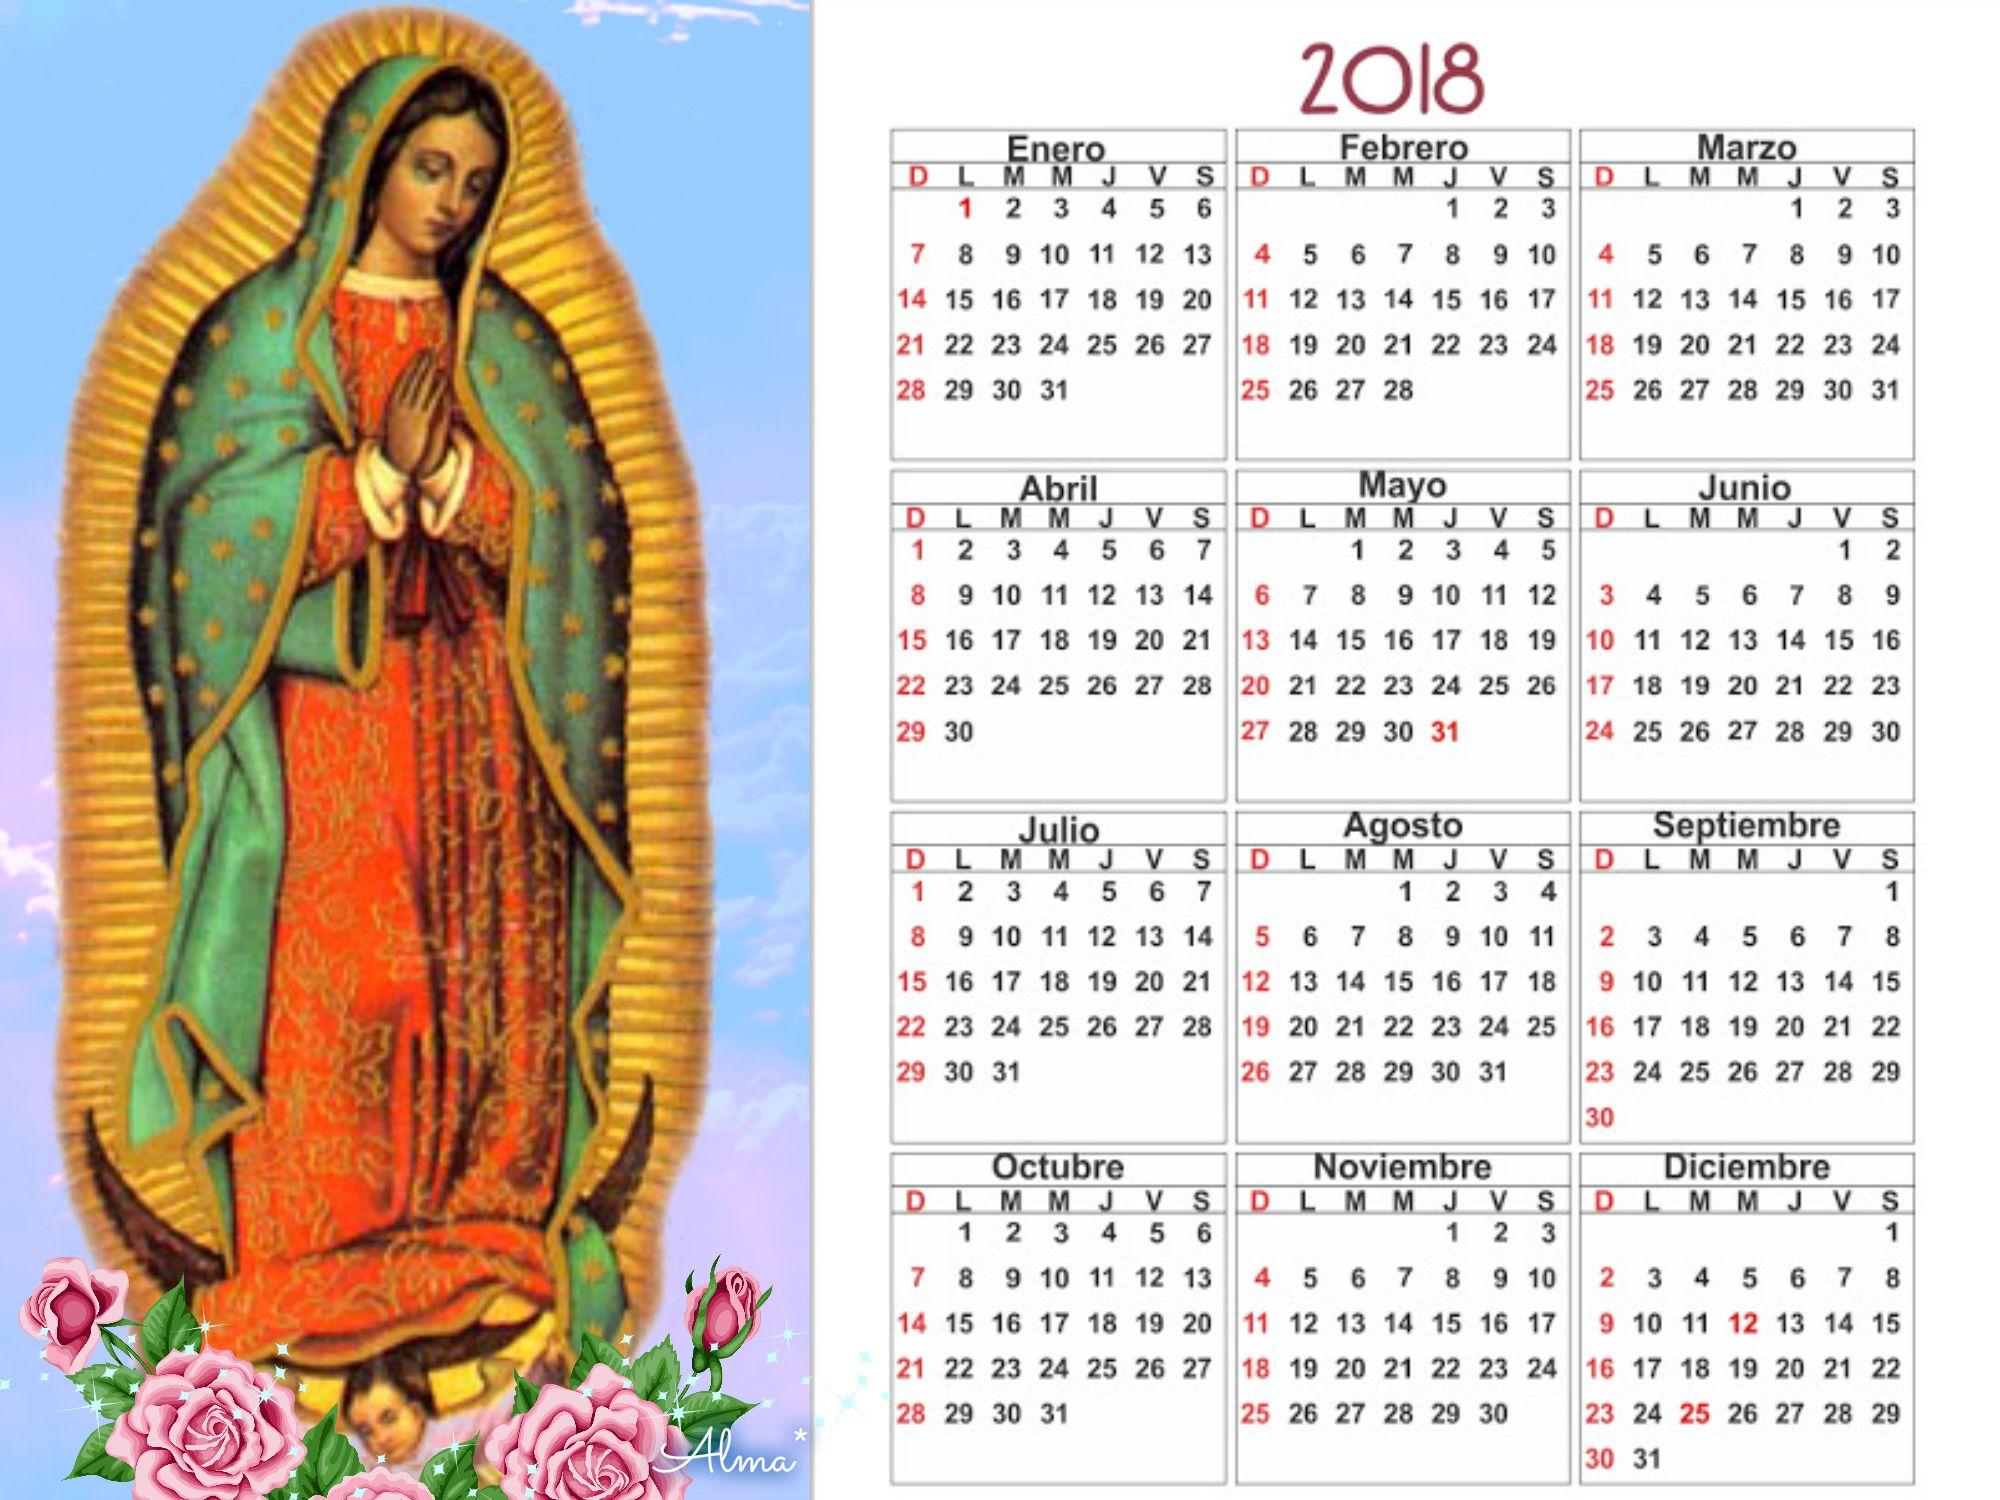 Calendario Religioso.12 De Diciembre De 2017 Imagen De Calendario Religioso 2018